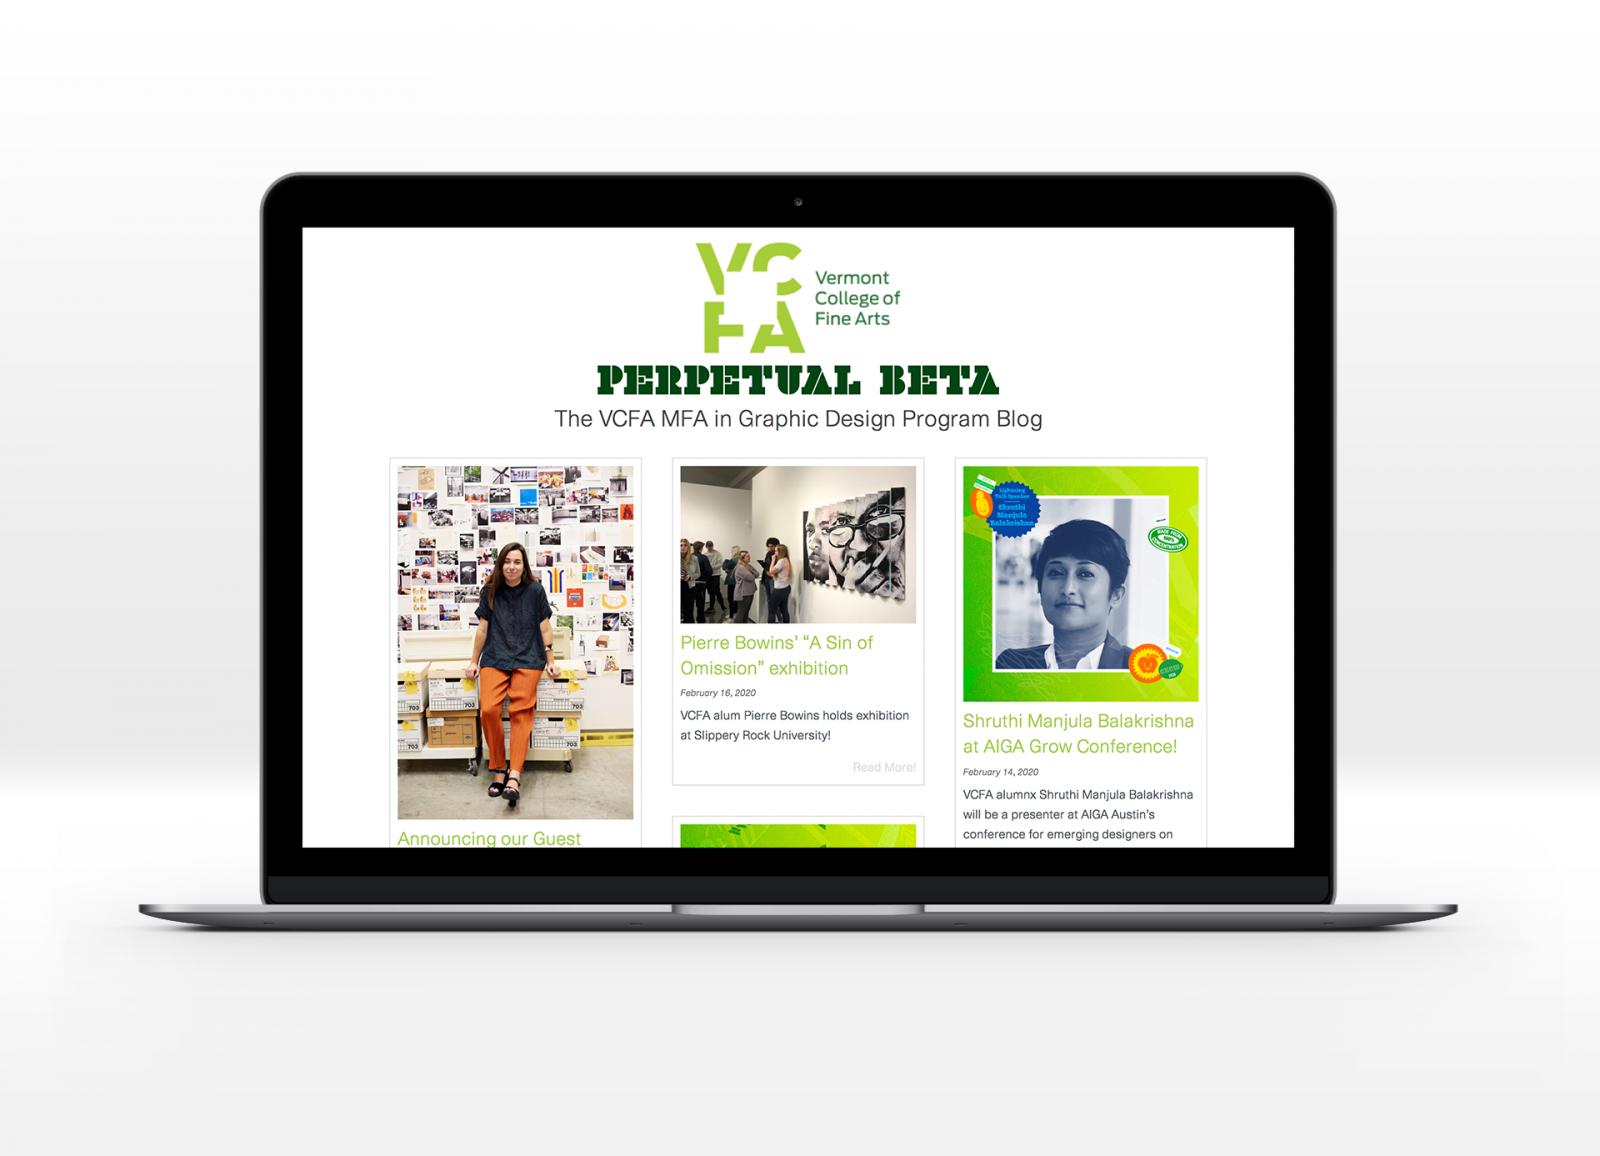 PerpetualBeta1